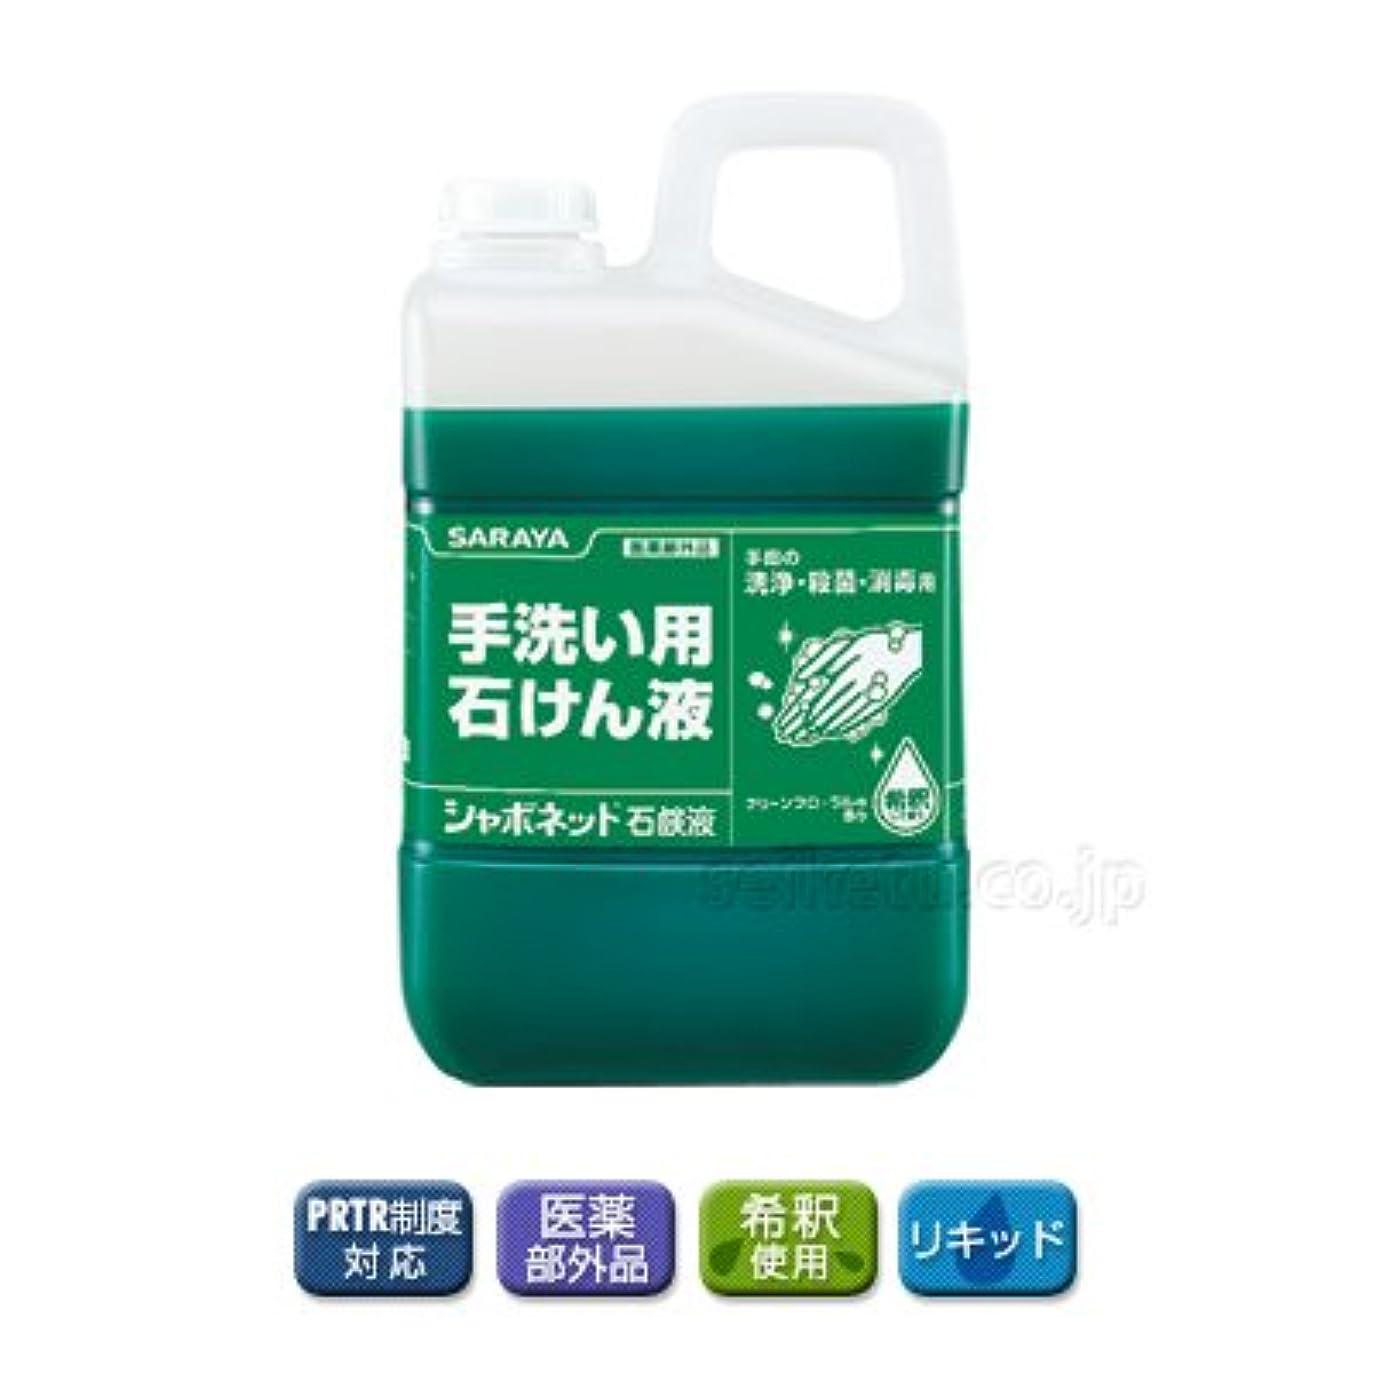 犯罪思いやり火星【清潔キレイ館】サラヤ シャボネット石鹸液(3kg)